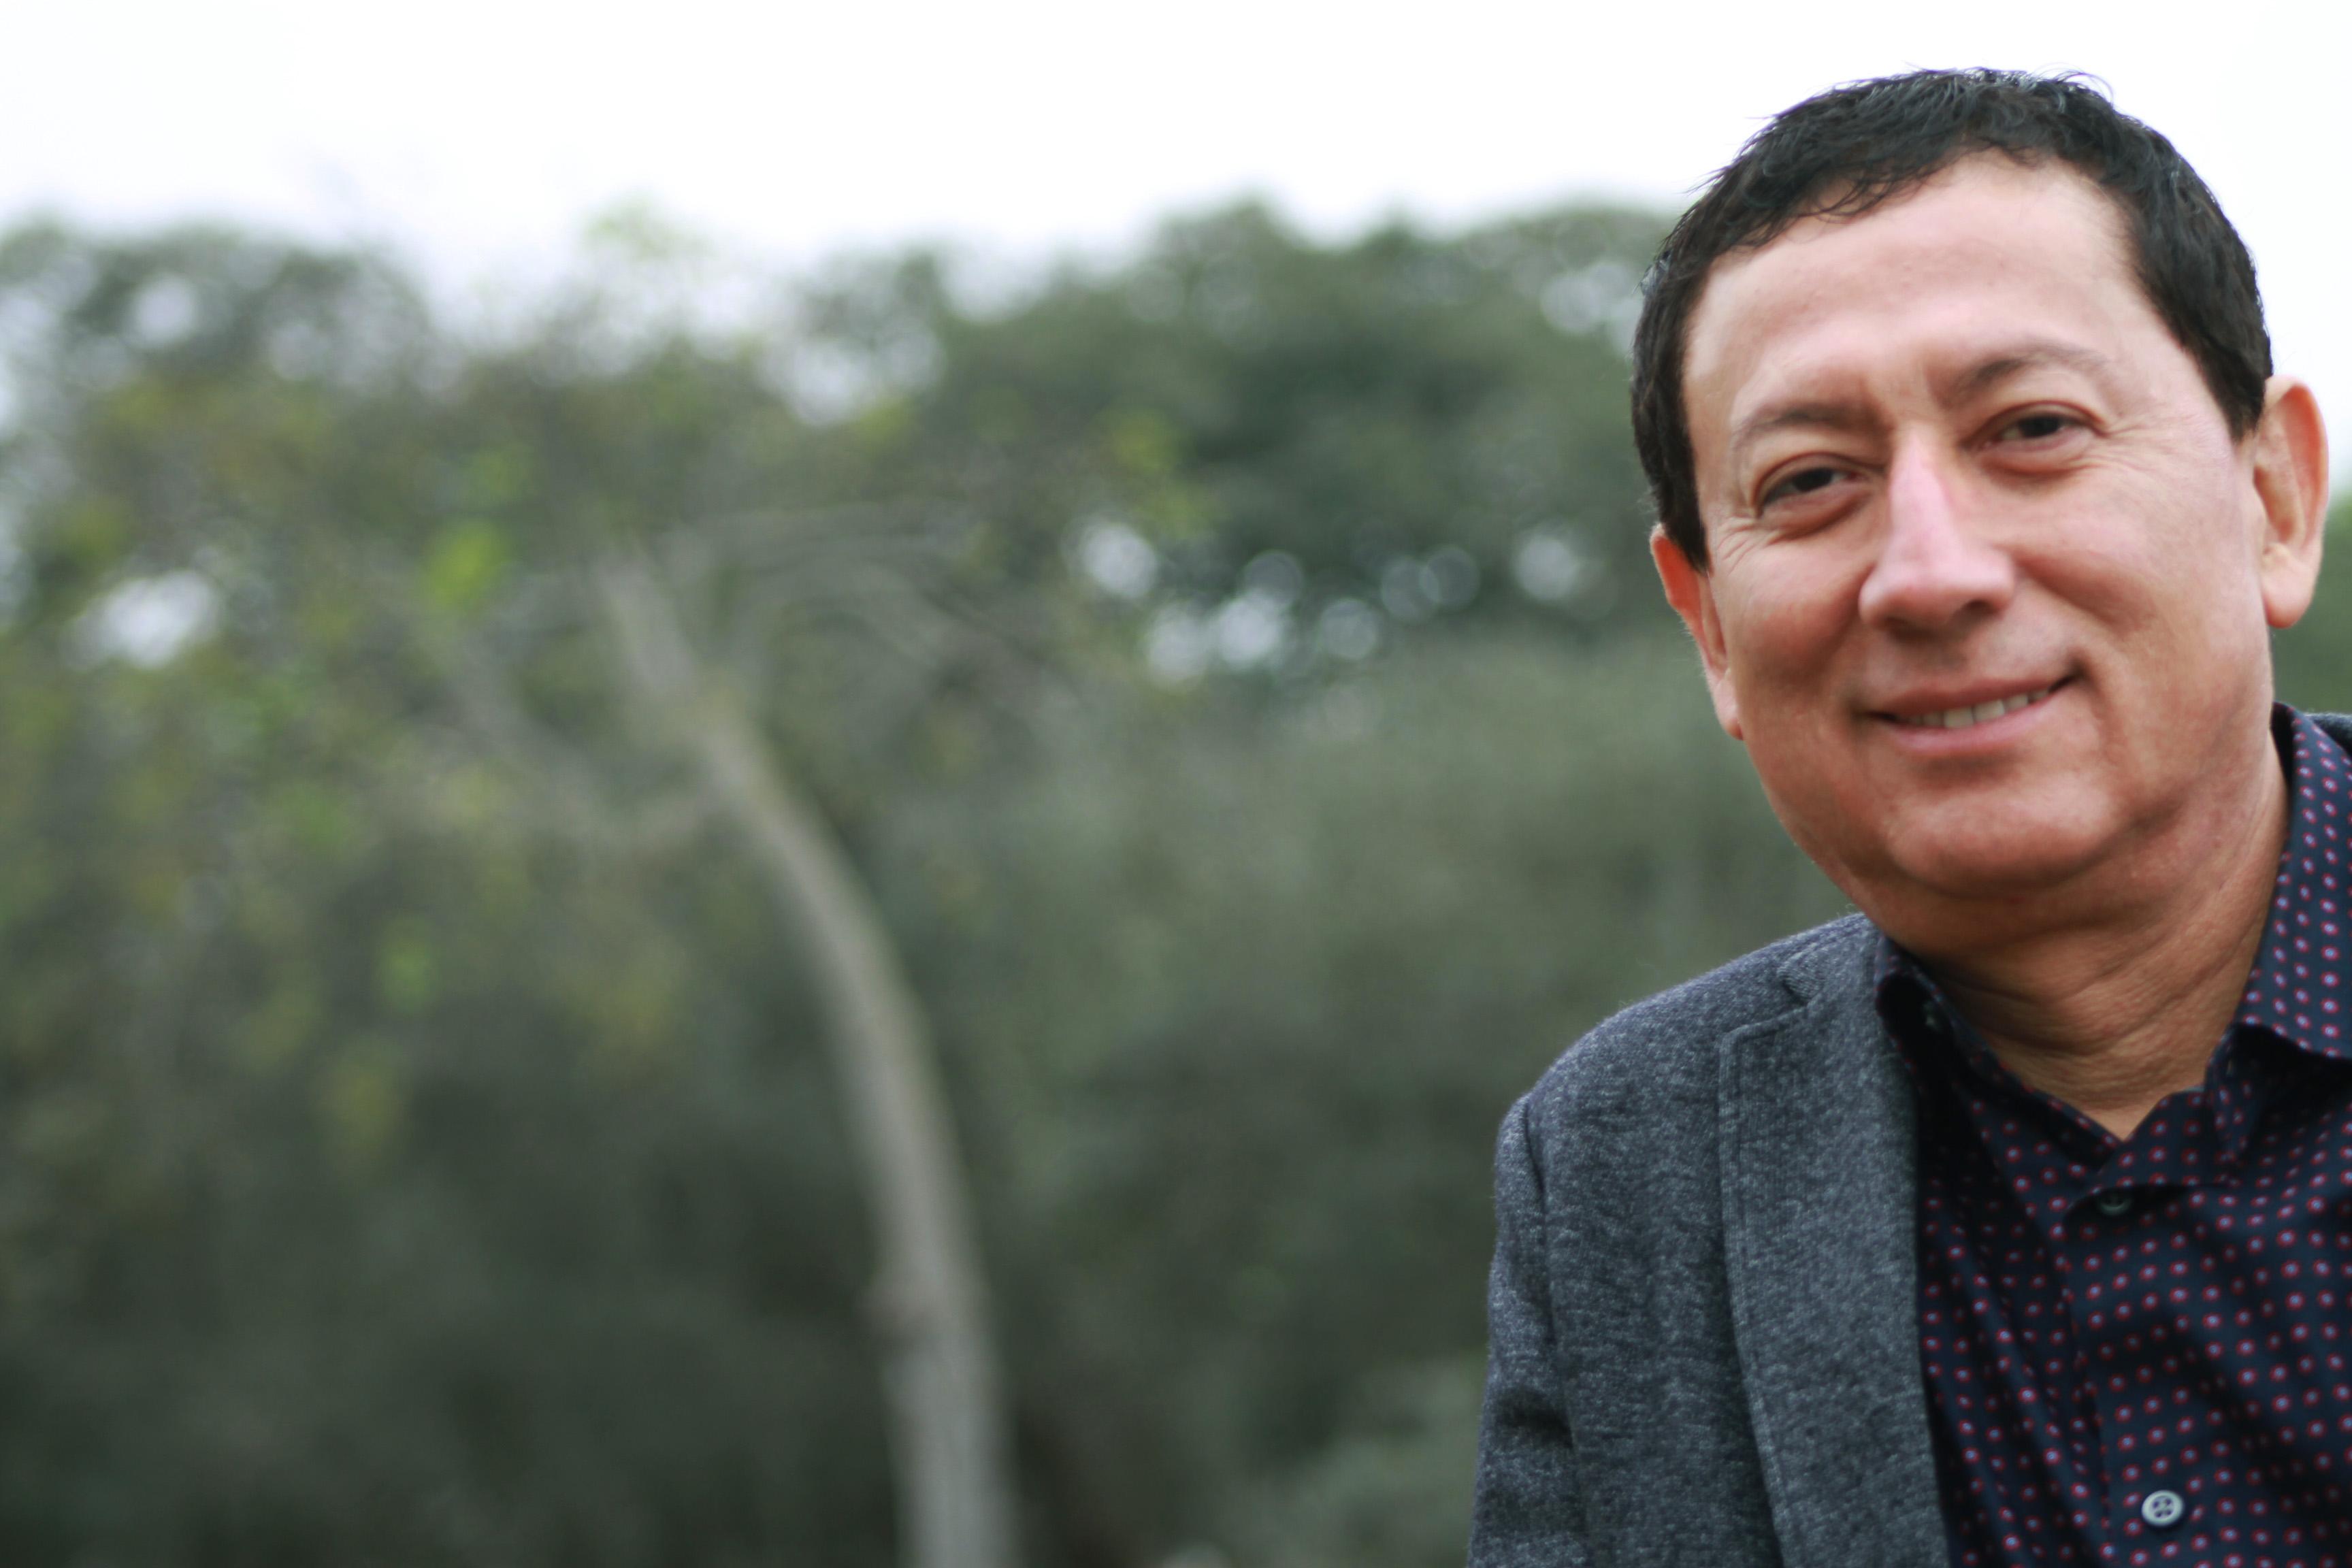 Juan de la Fuente